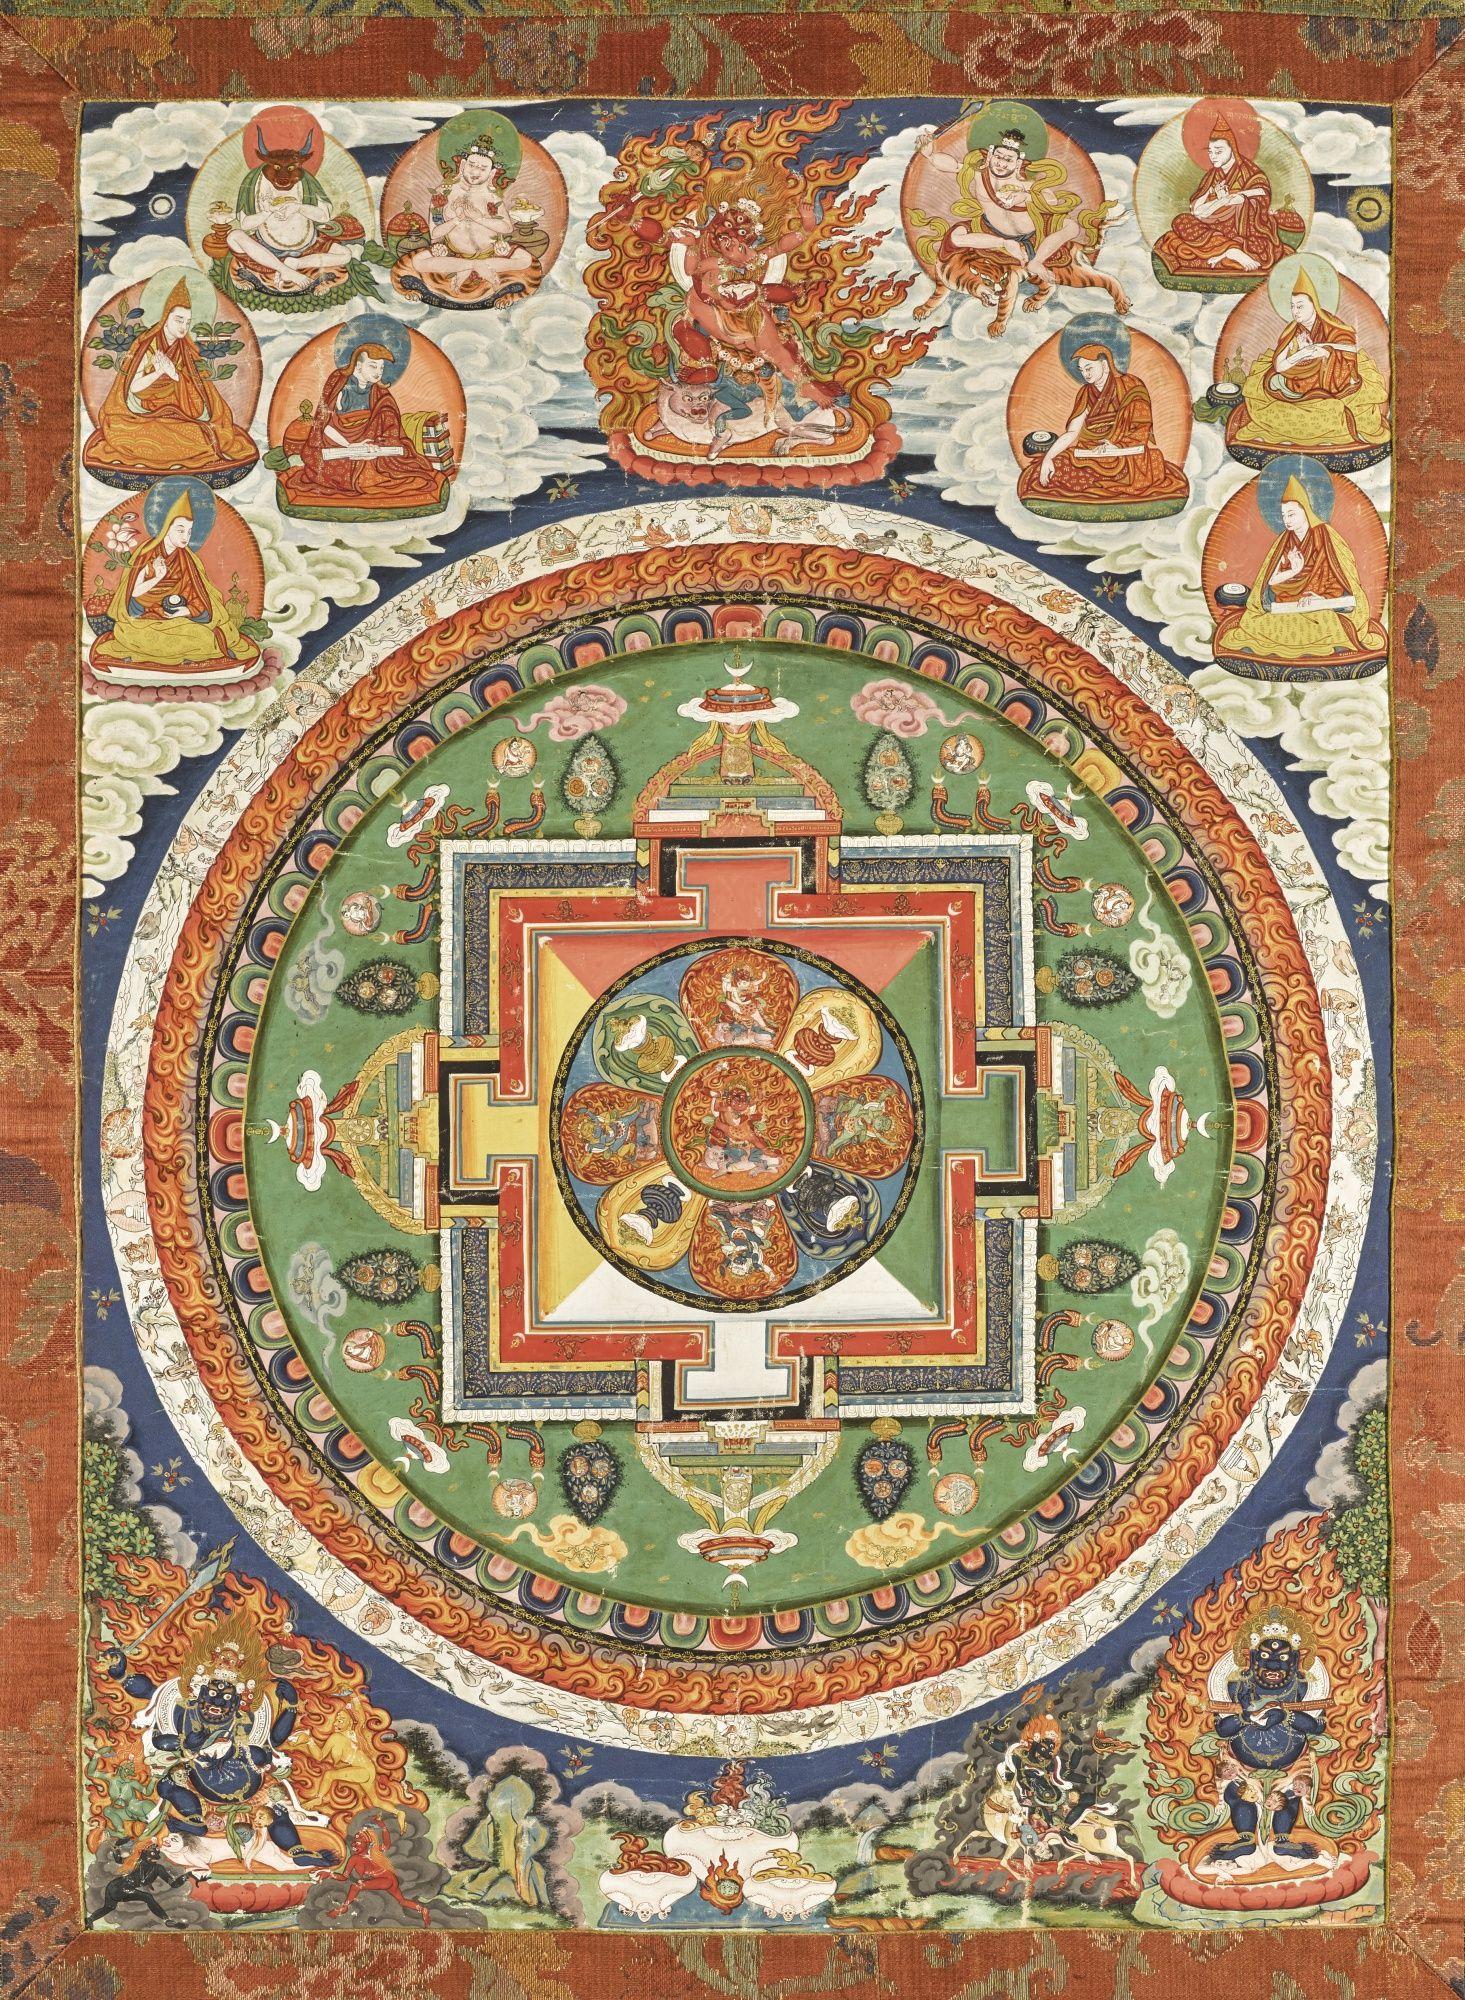 Азиатское искусство: мировые текстильные сокровища